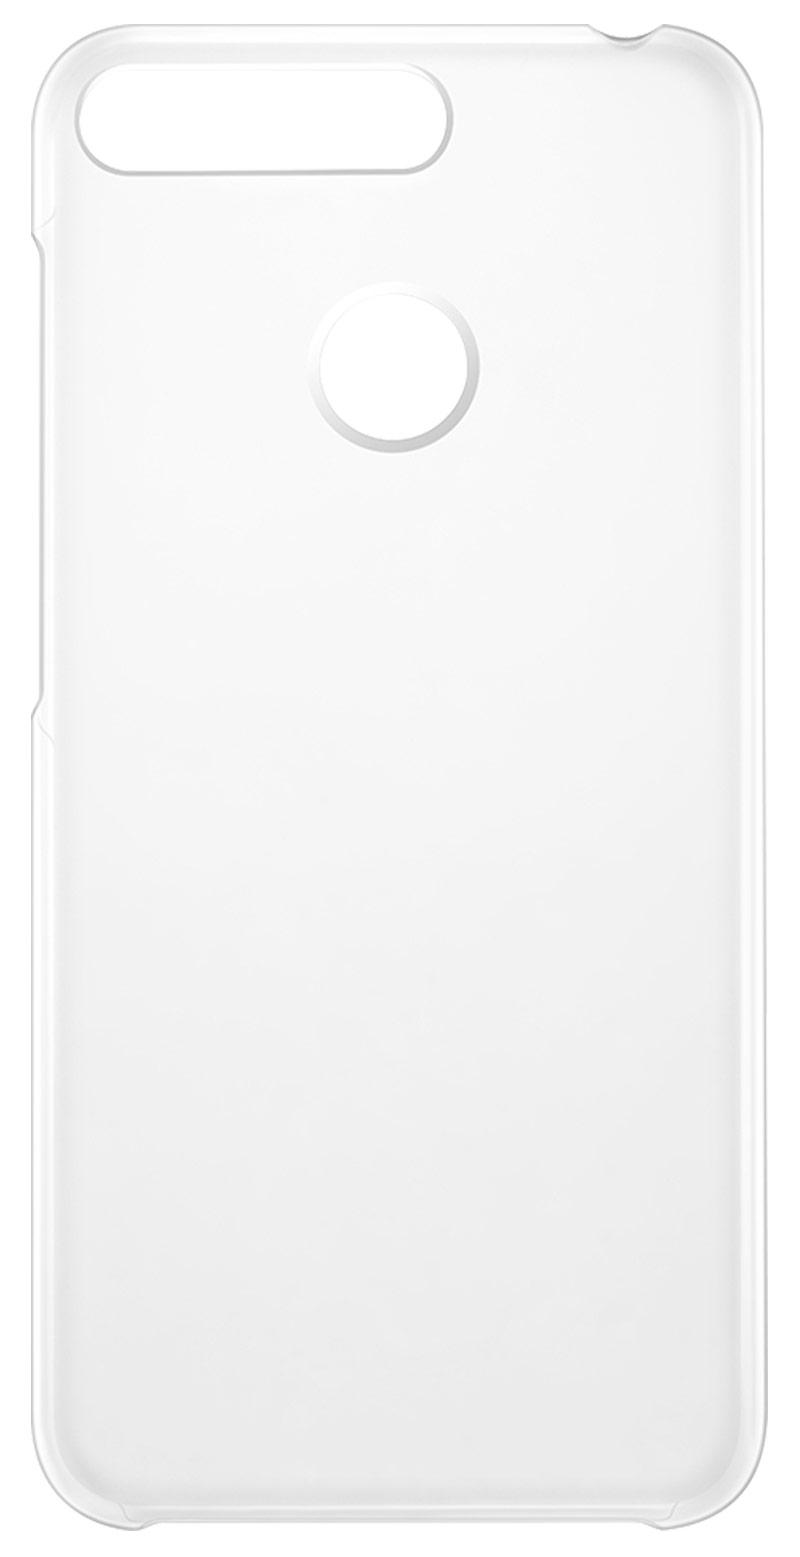 Coque Huawei Y6 2018 transparente